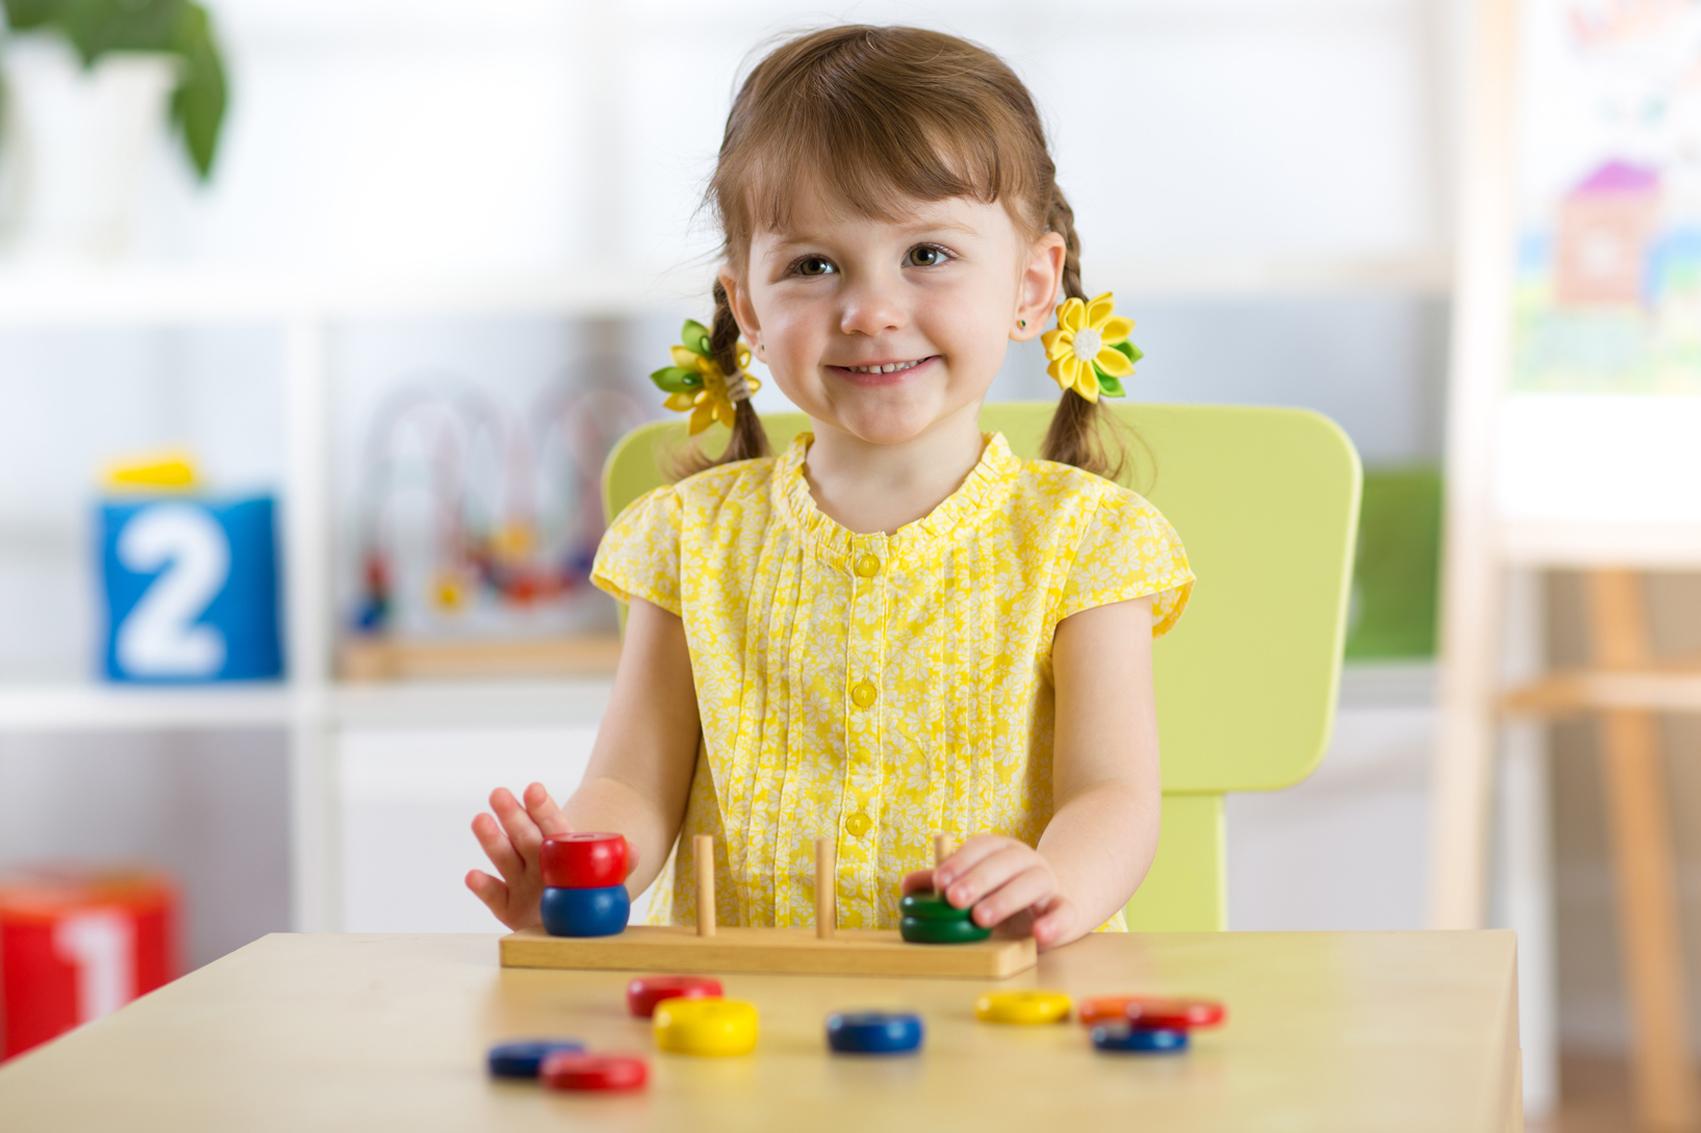 منهج مونتيسوري منارة متألقة في التربية